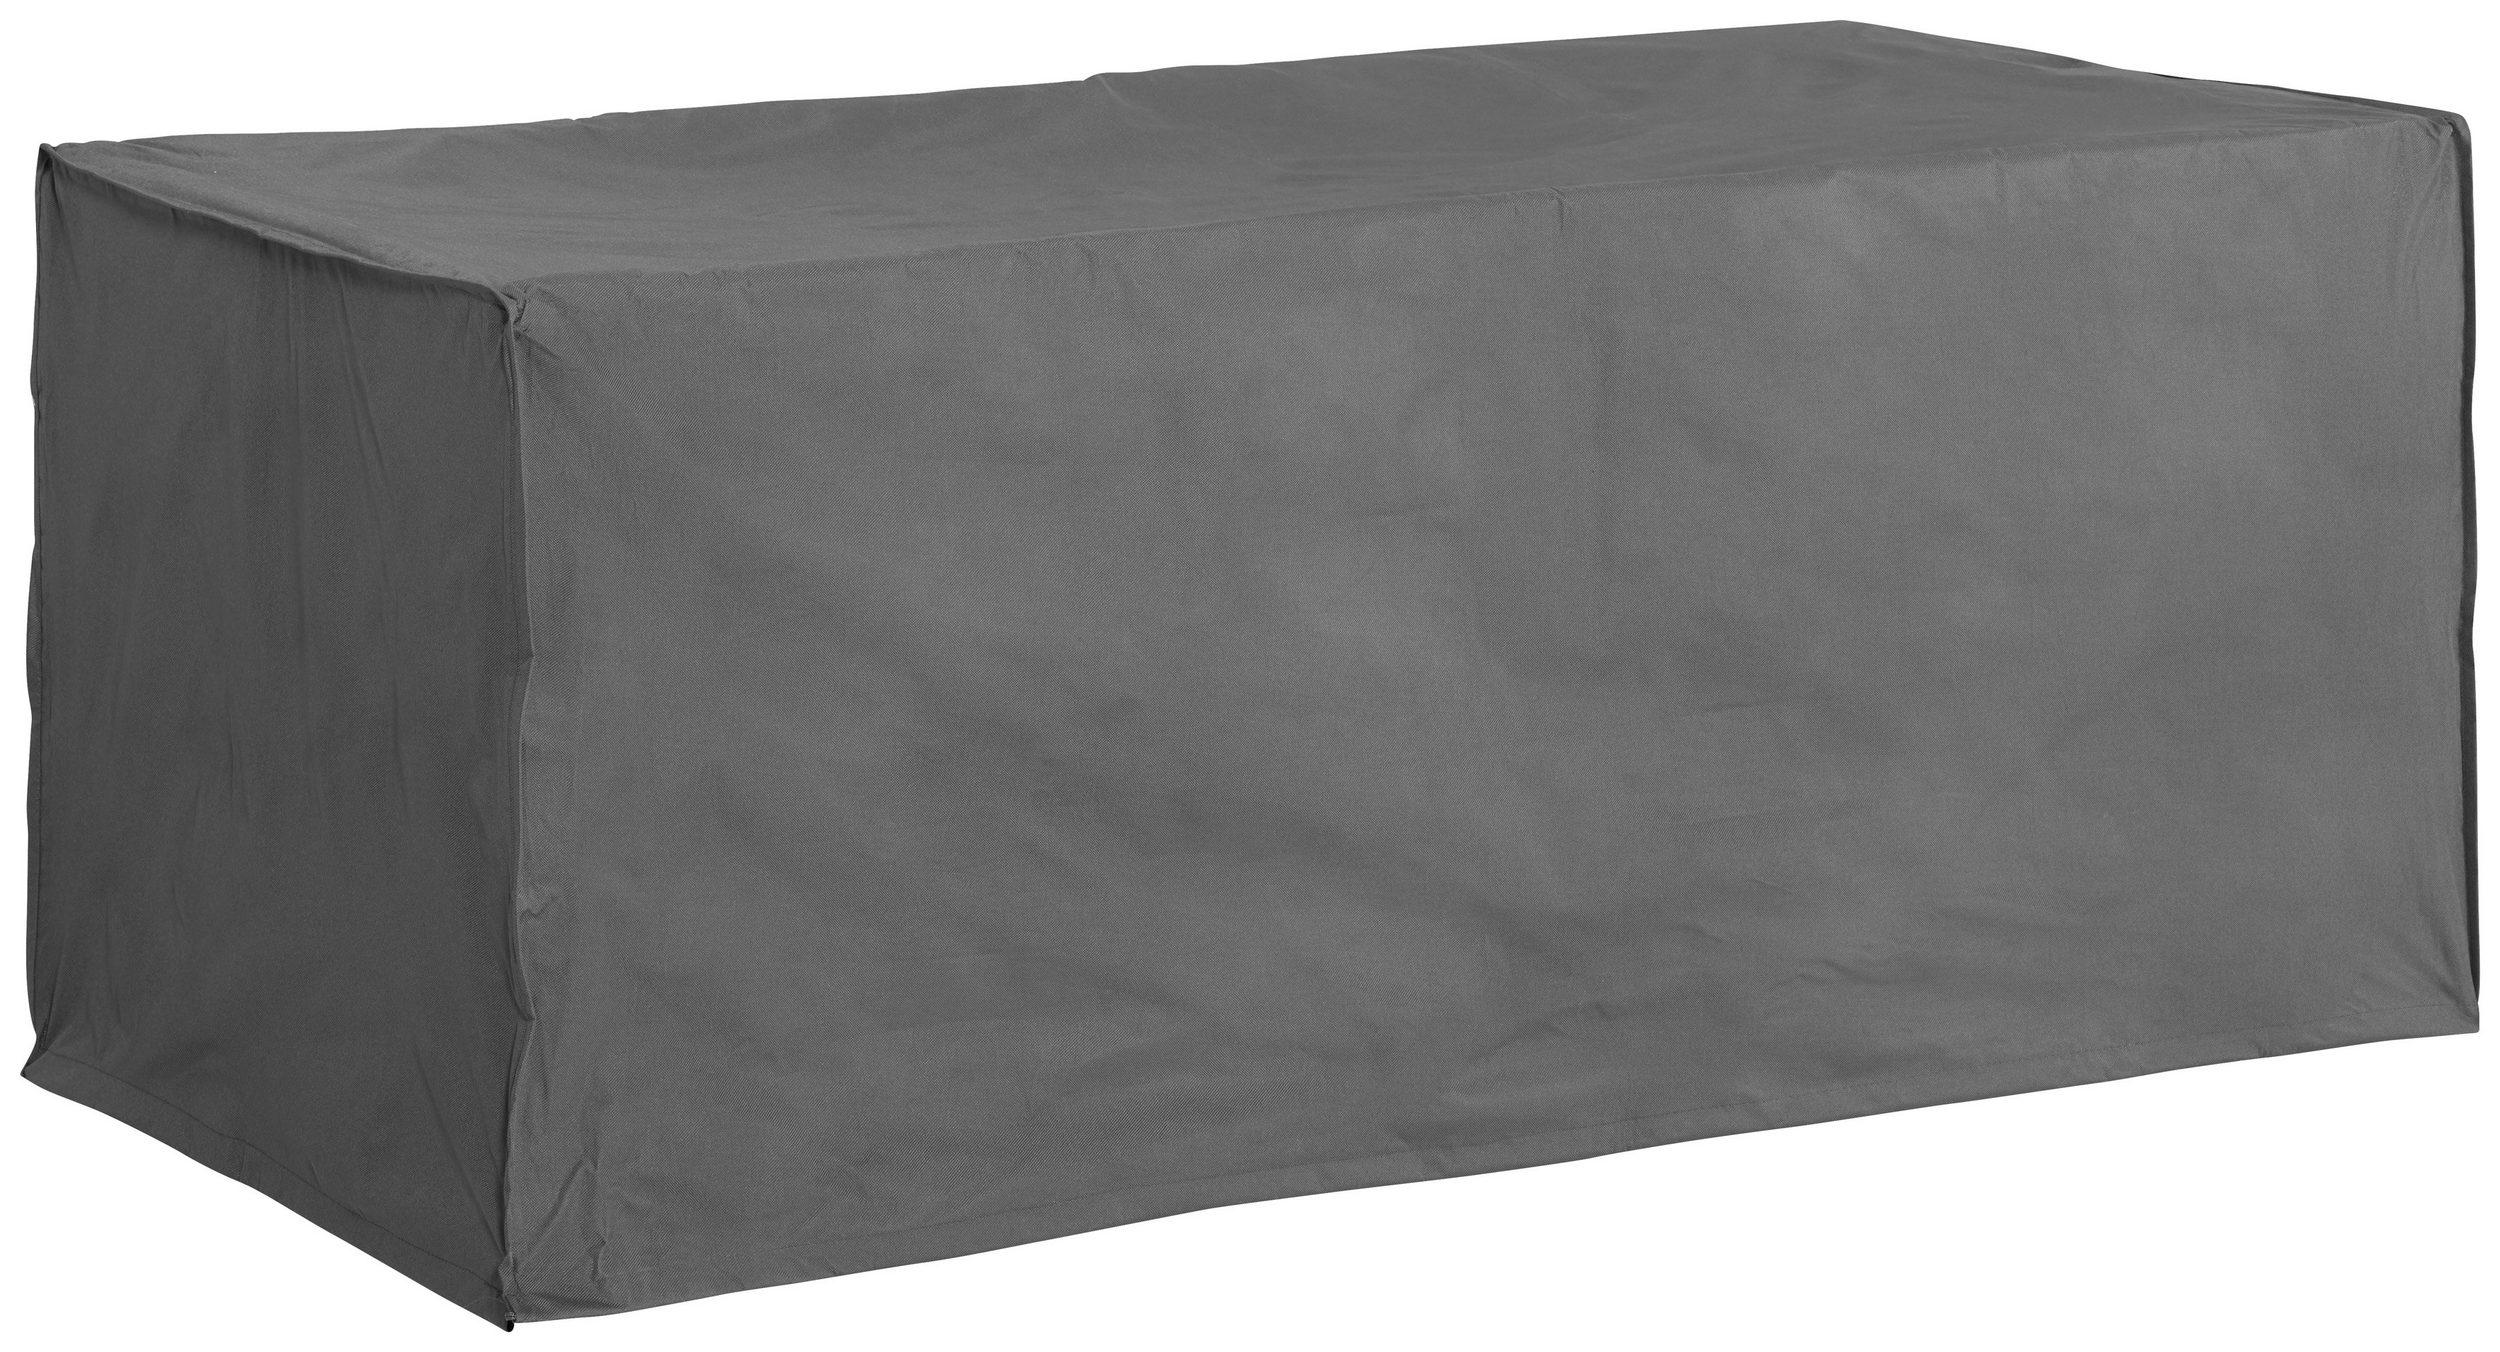 KONIFERA Schutzhülle Loungeset (L/B/H)ca 144x75x64cm B50146952 UVP 29,99€   50146952 1